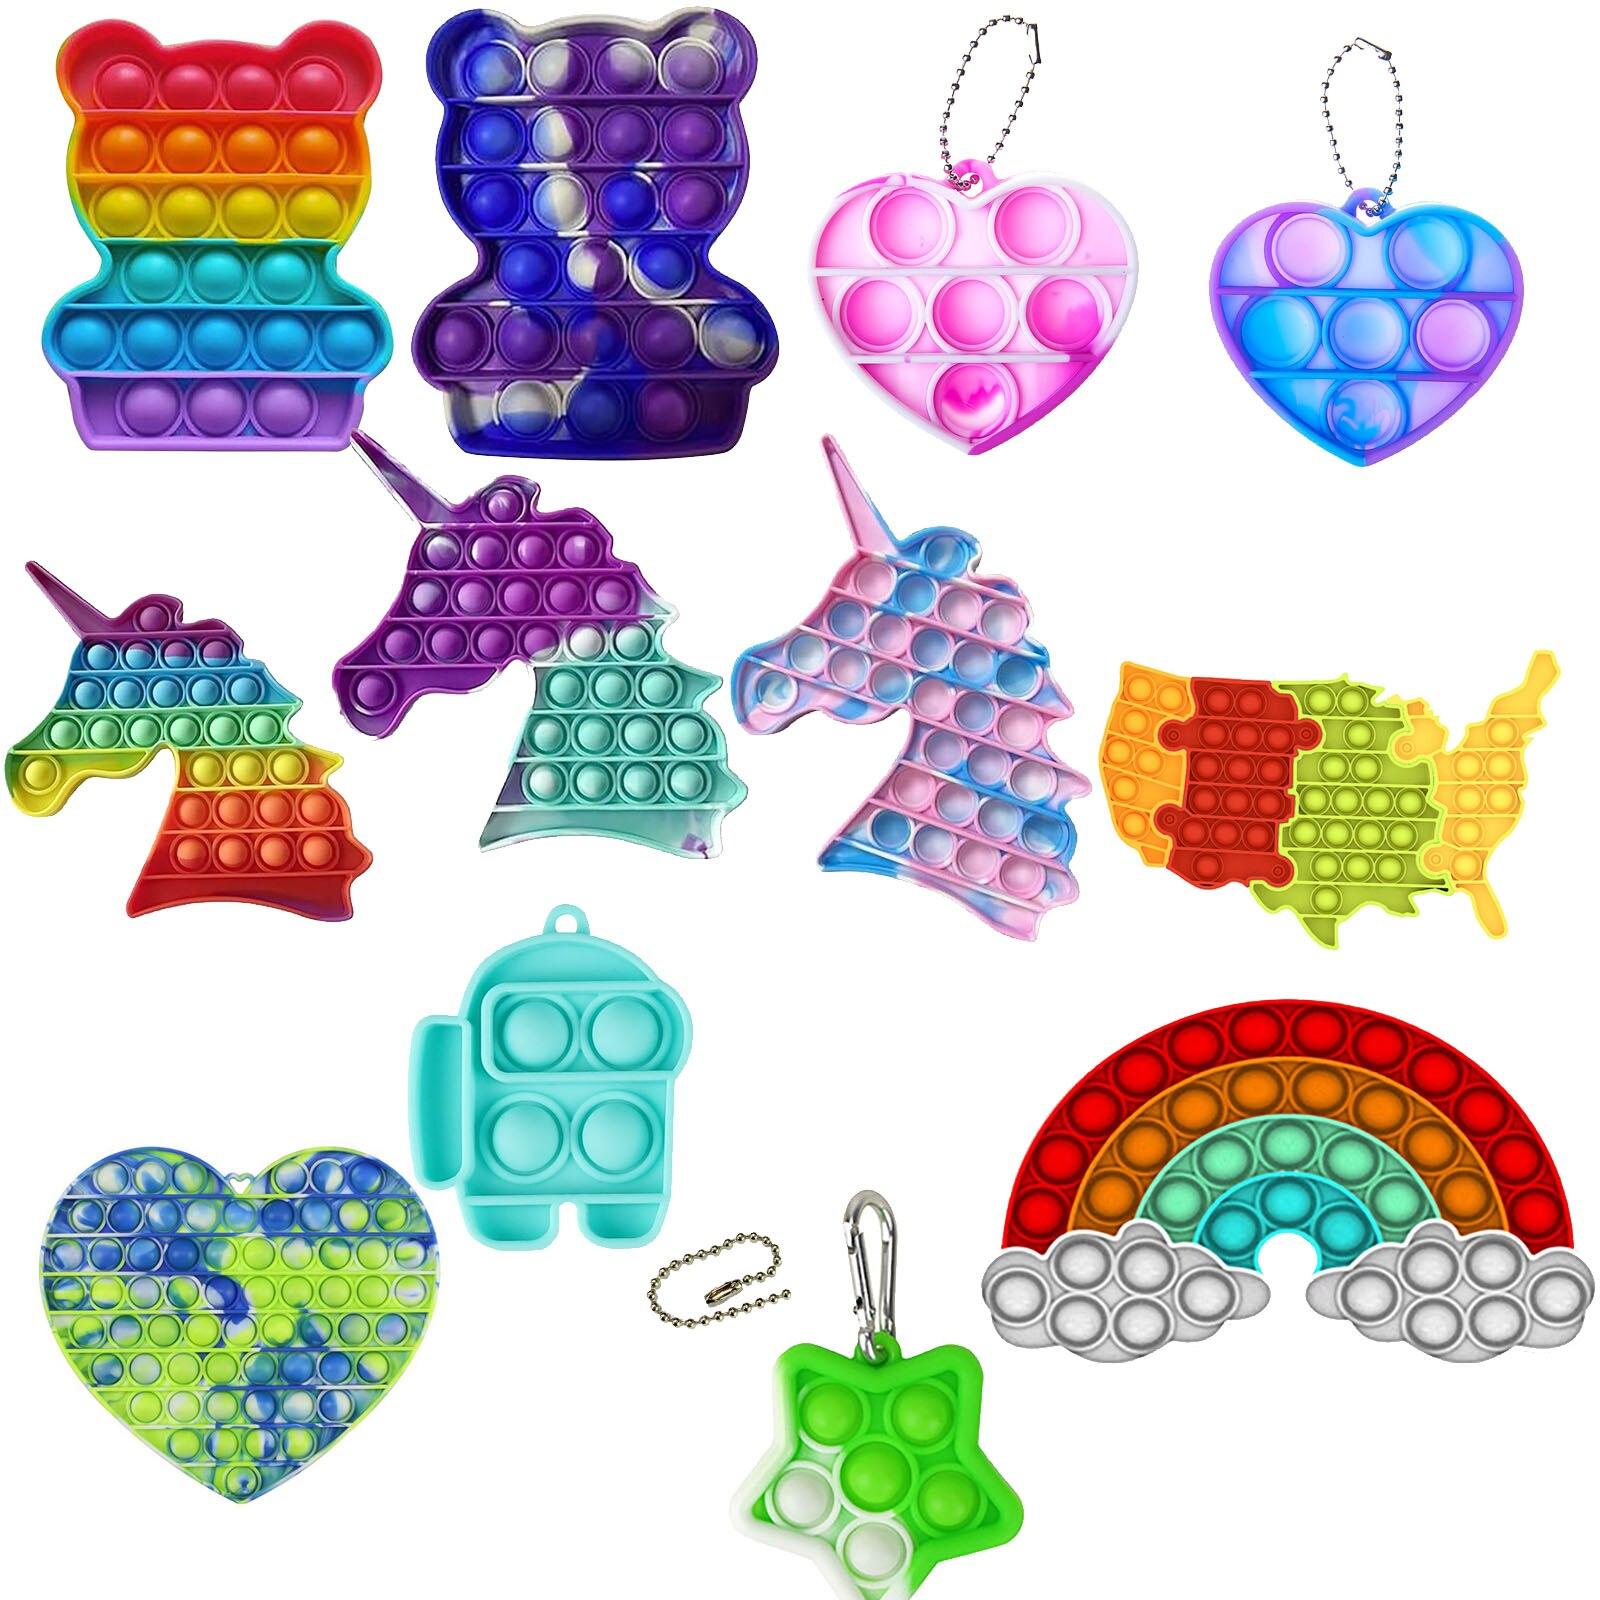 Дешевые сенсорная Непоседа упаковка игрушек вытолкнуть его Popit подарок для детей и взрослых поп игрушка пузырь сенсорная игрушка для сняти...